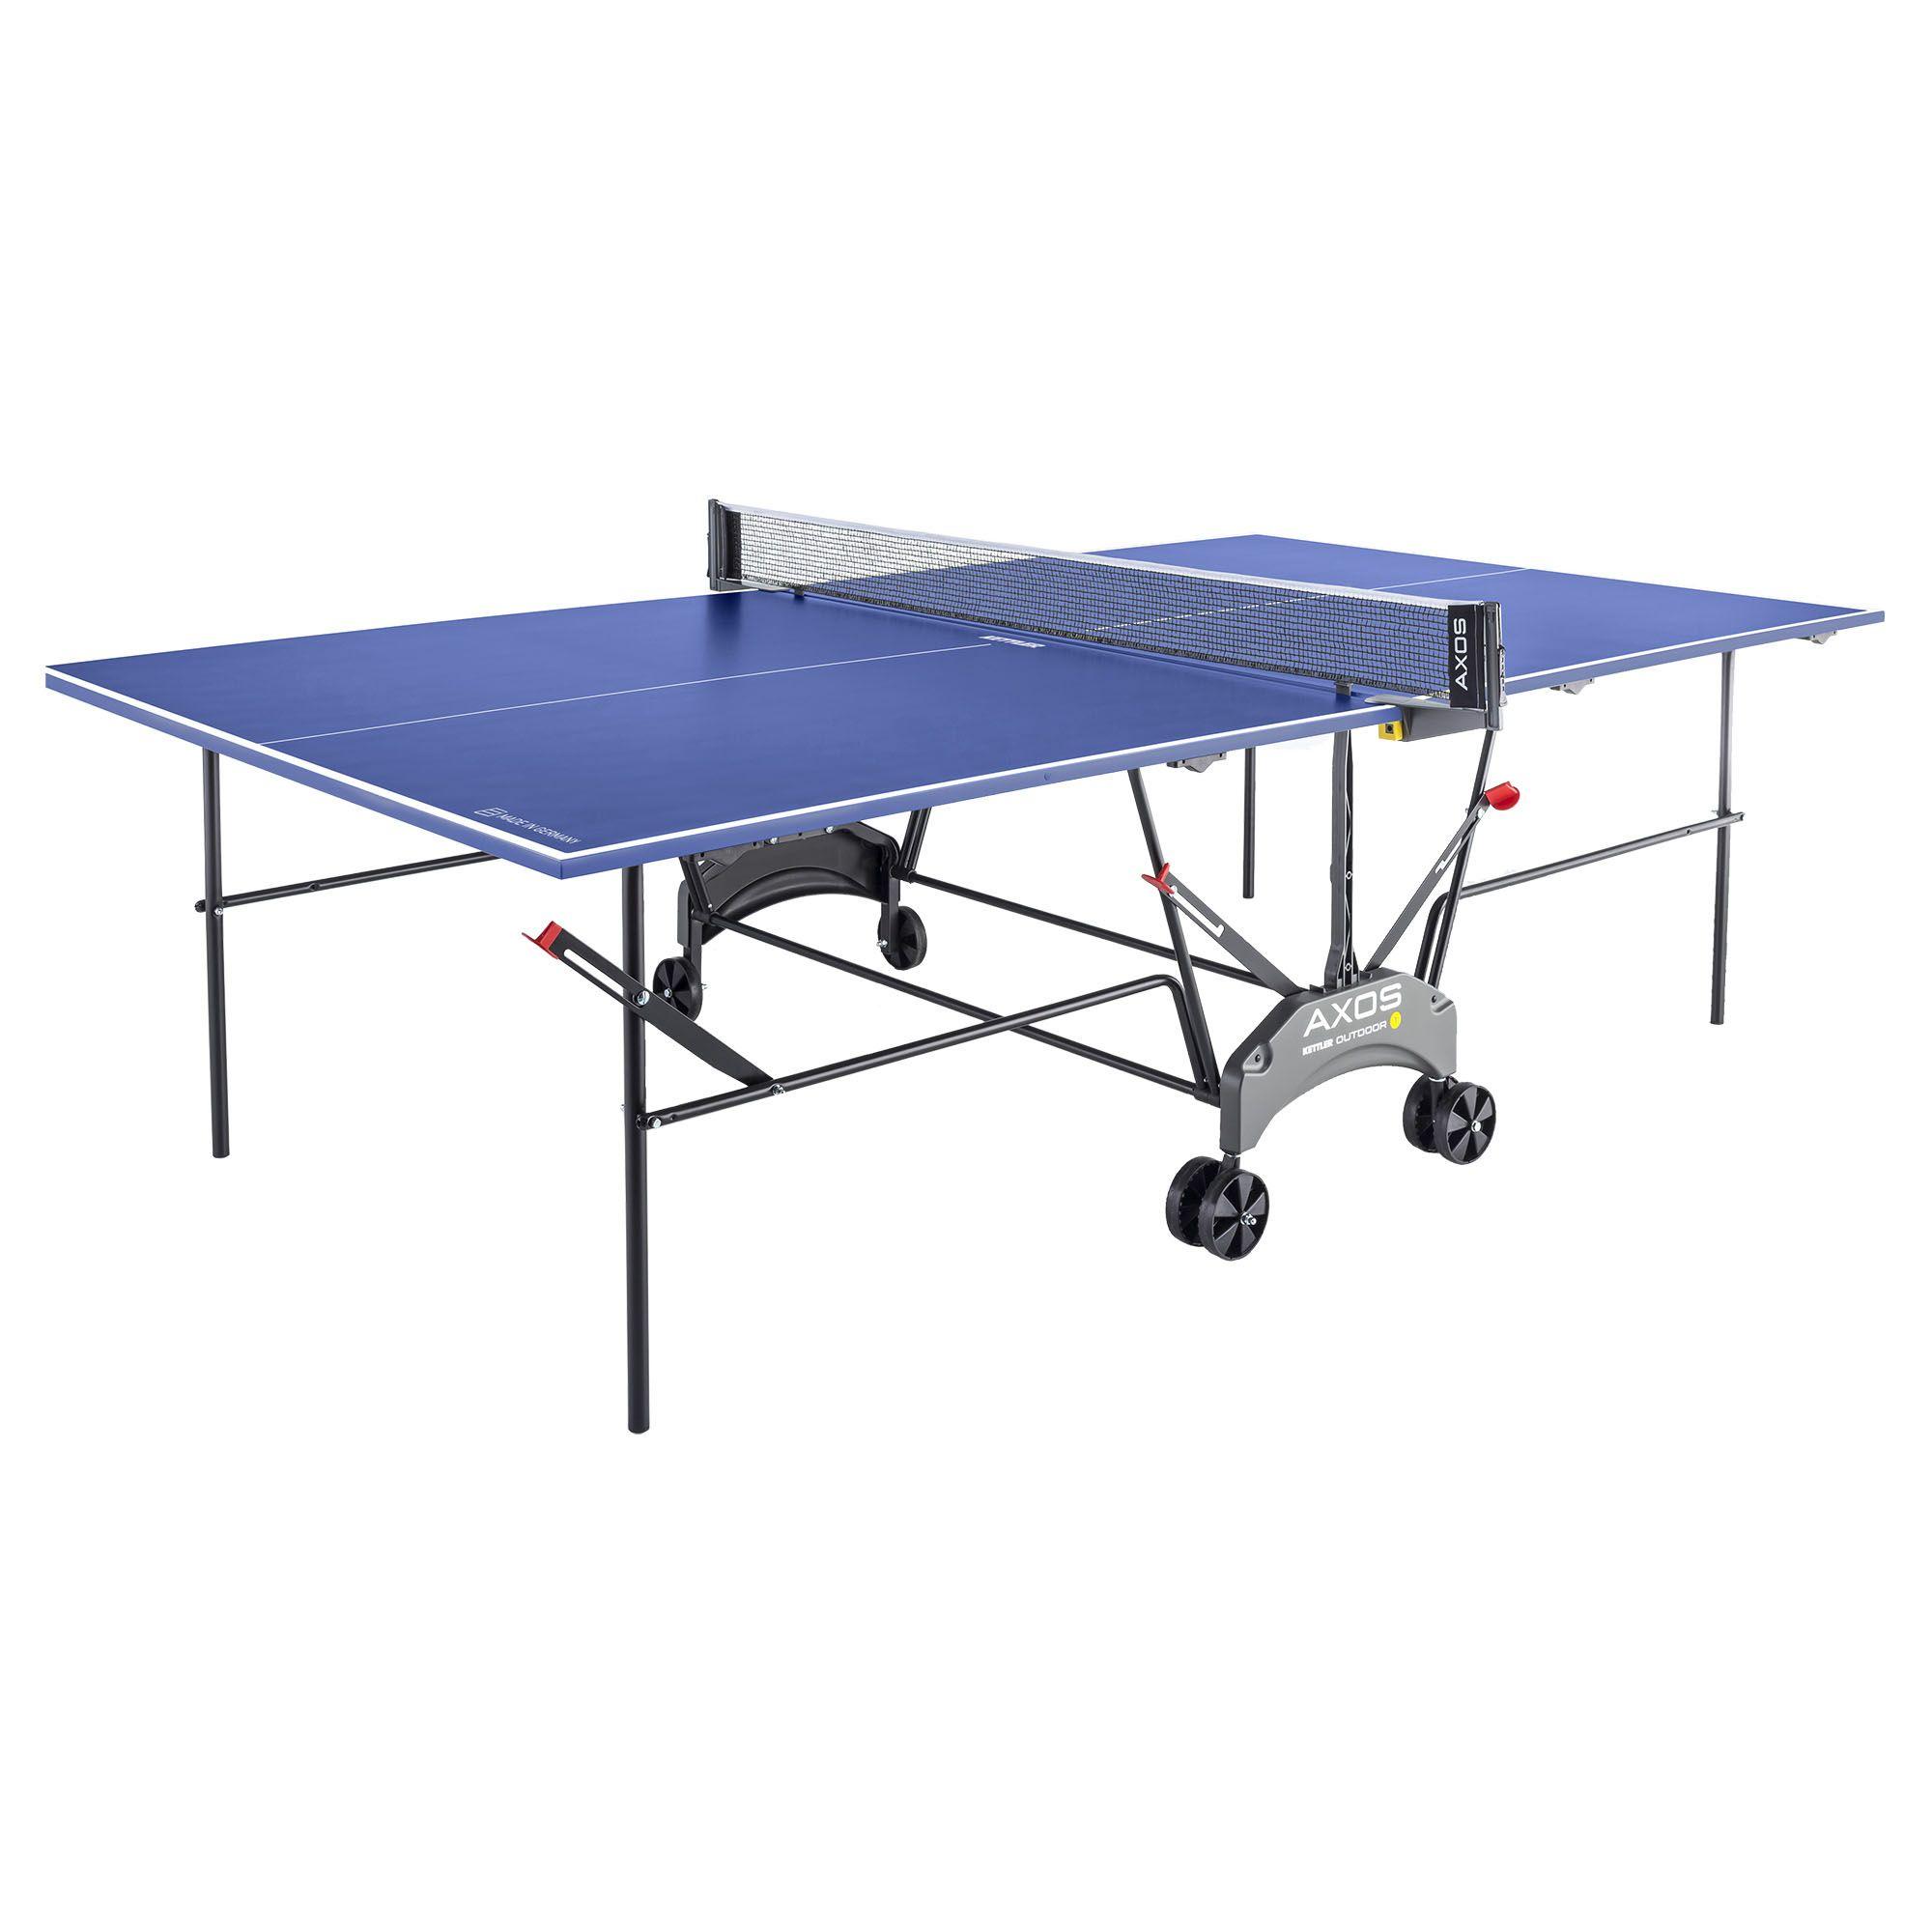 Kettler Axos 1 Outdoor Table Tennis